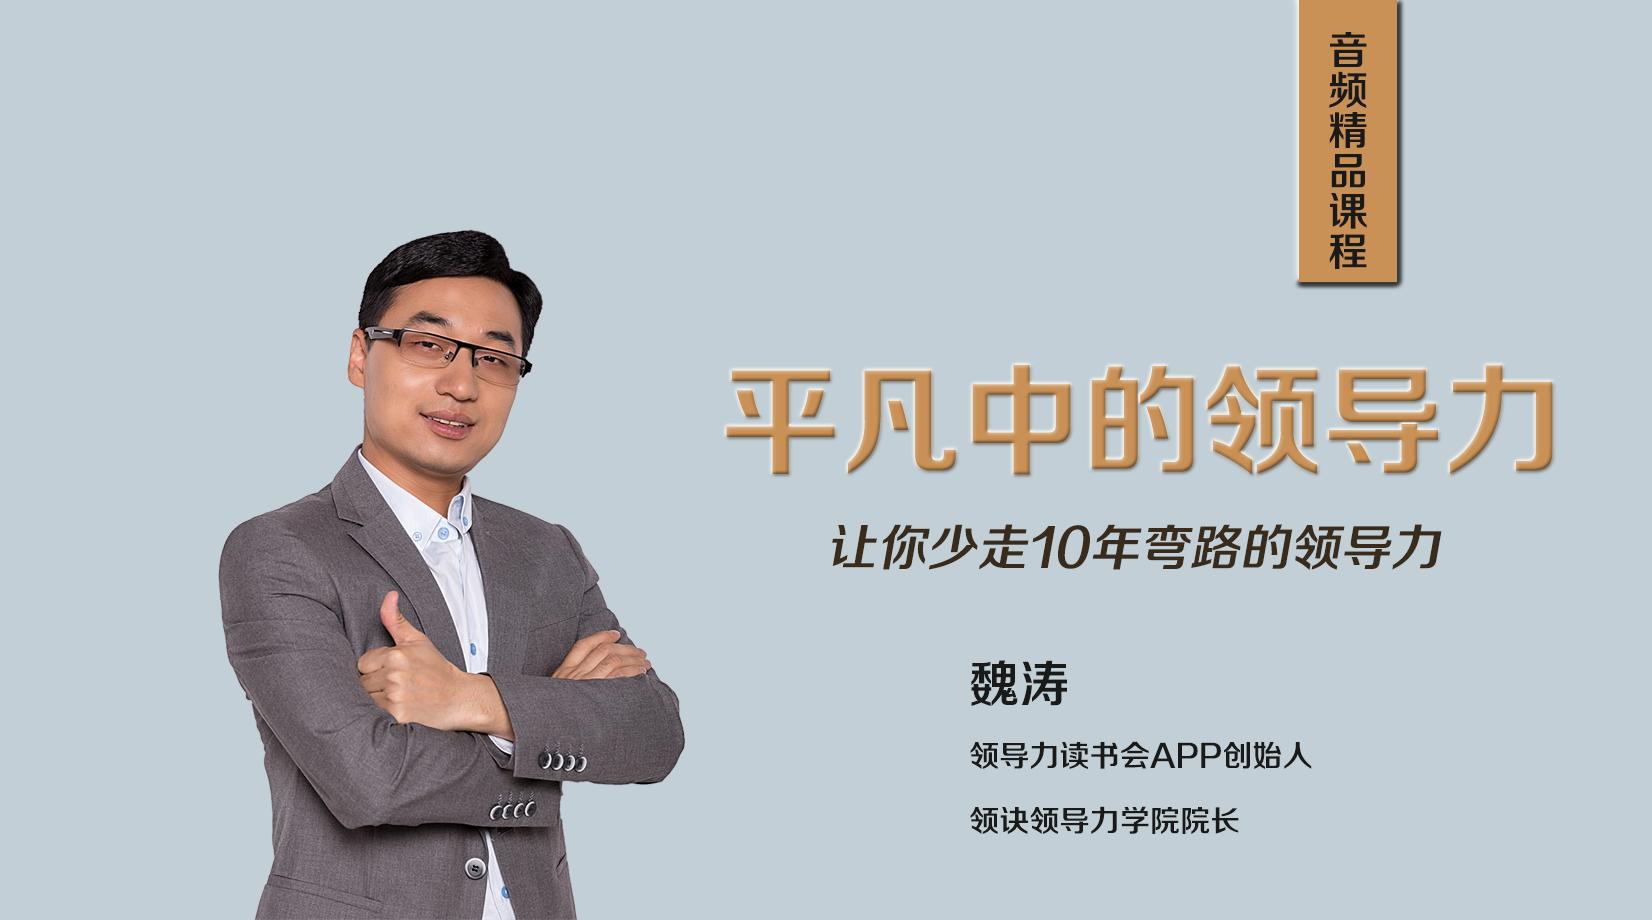 官网4魏涛介绍